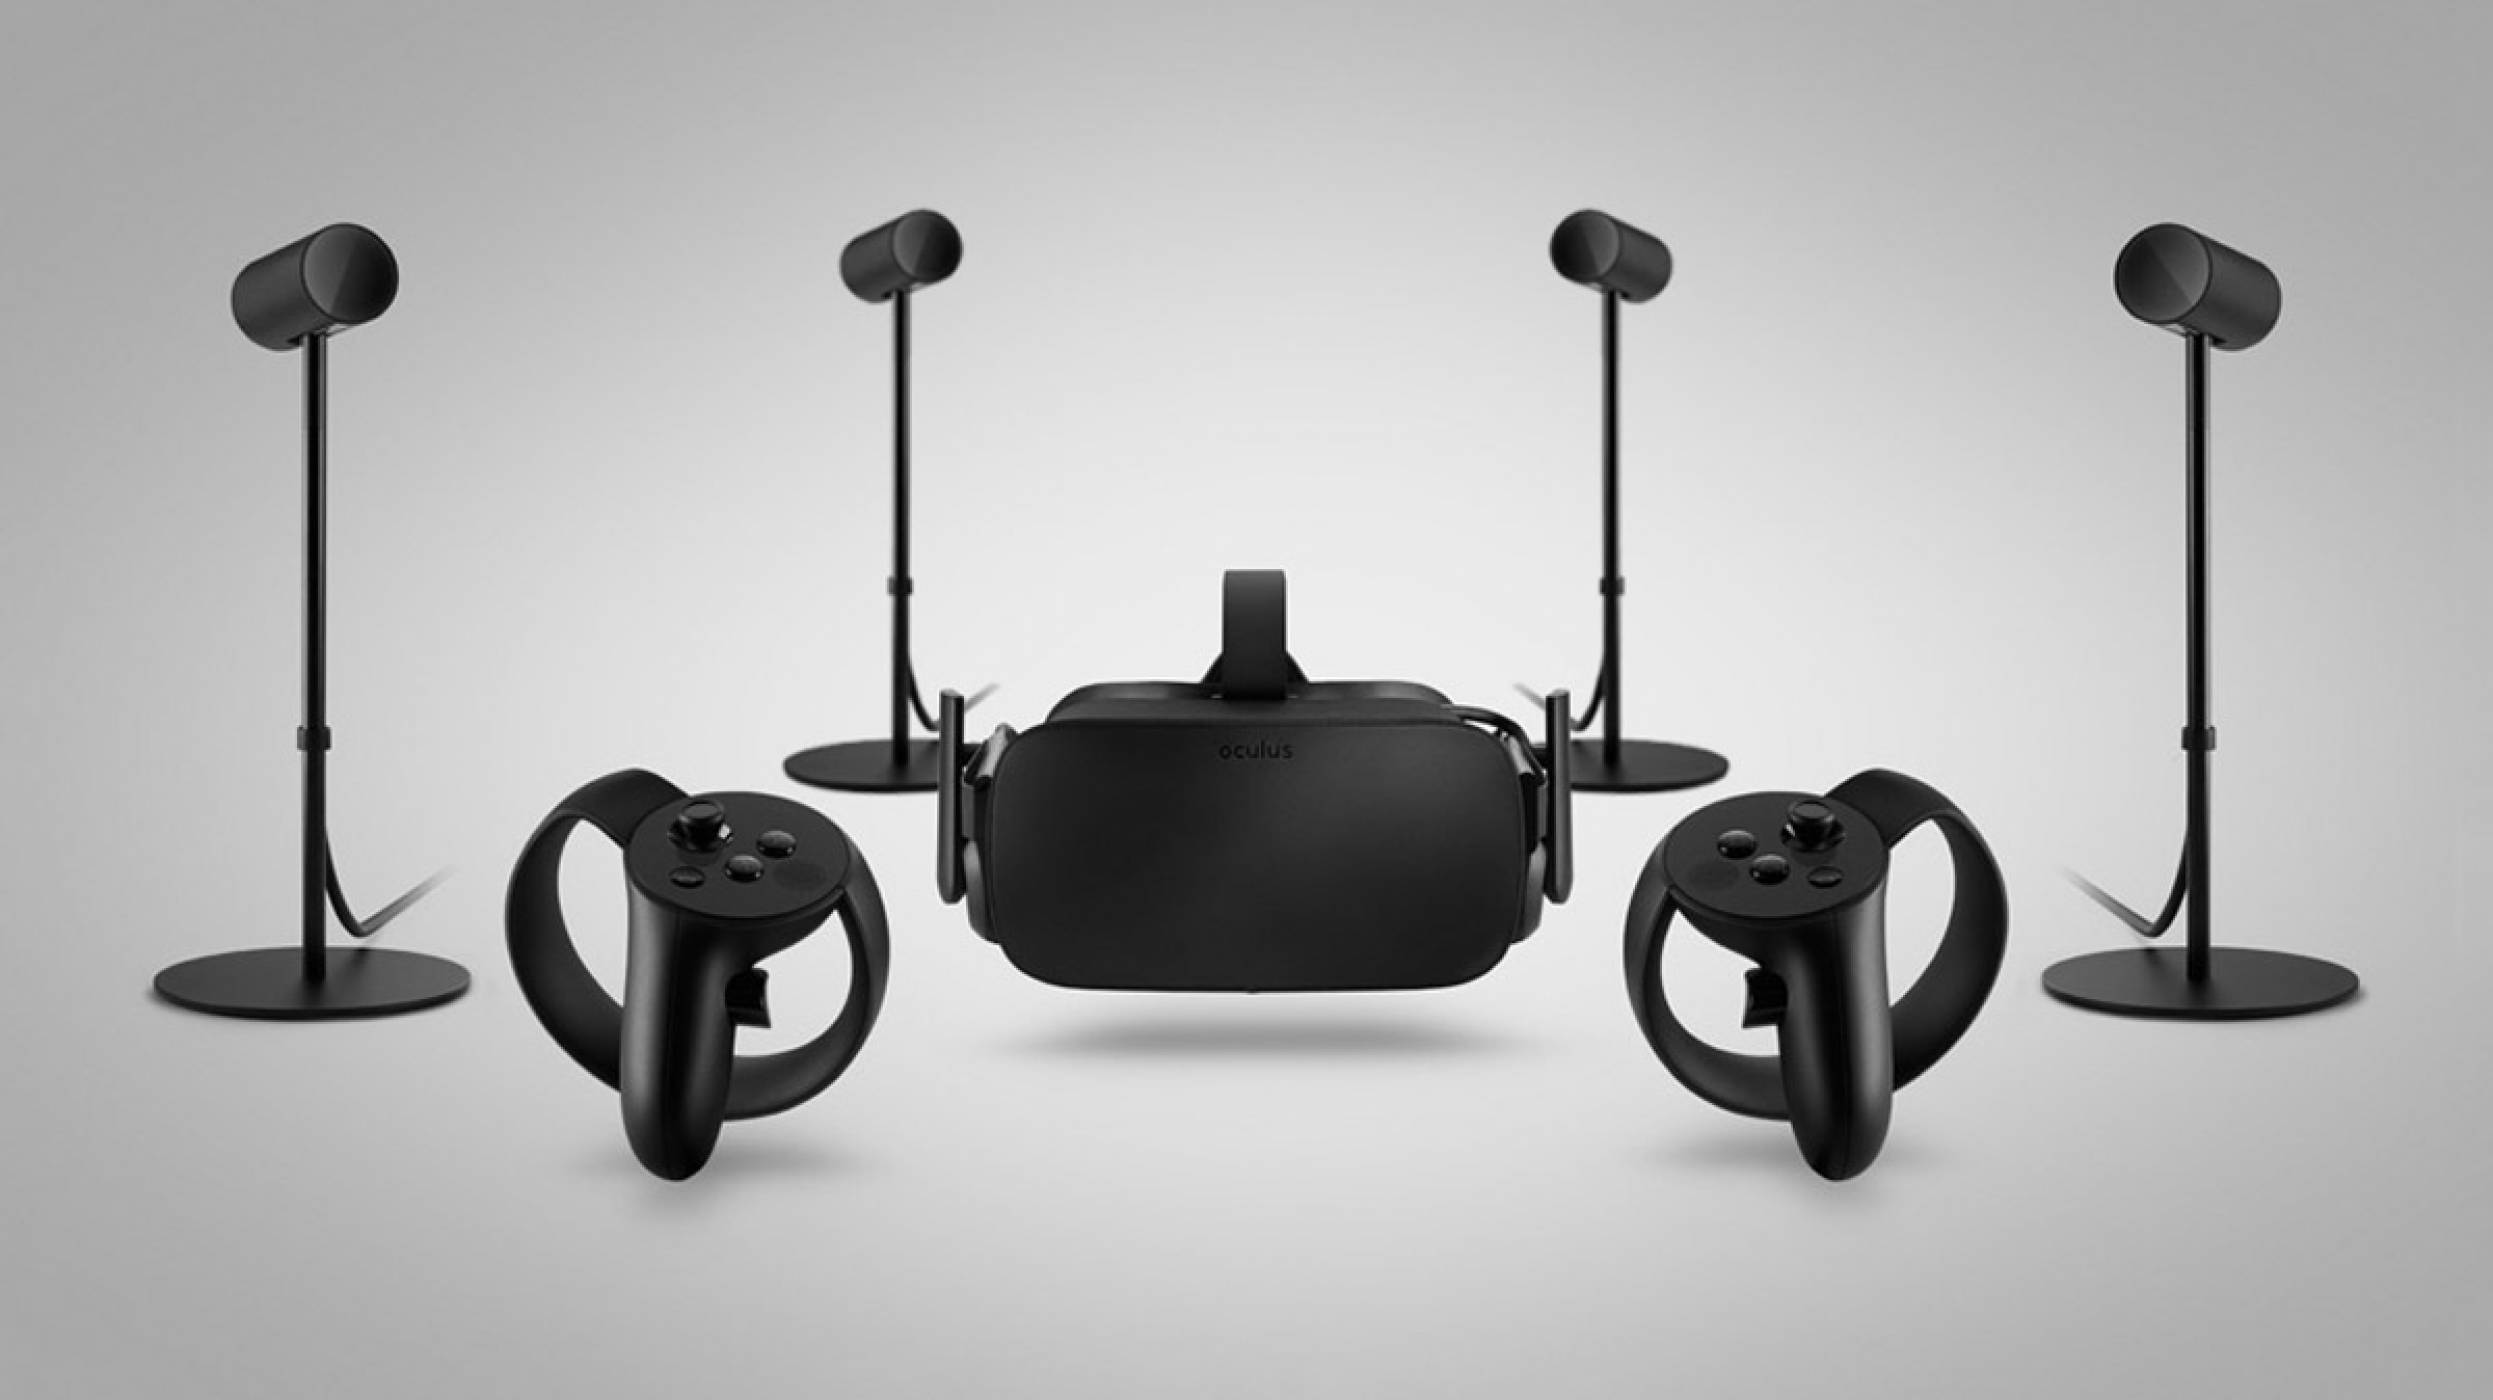 За пръв път в едно тримесечие са продадени над милион VR шлема